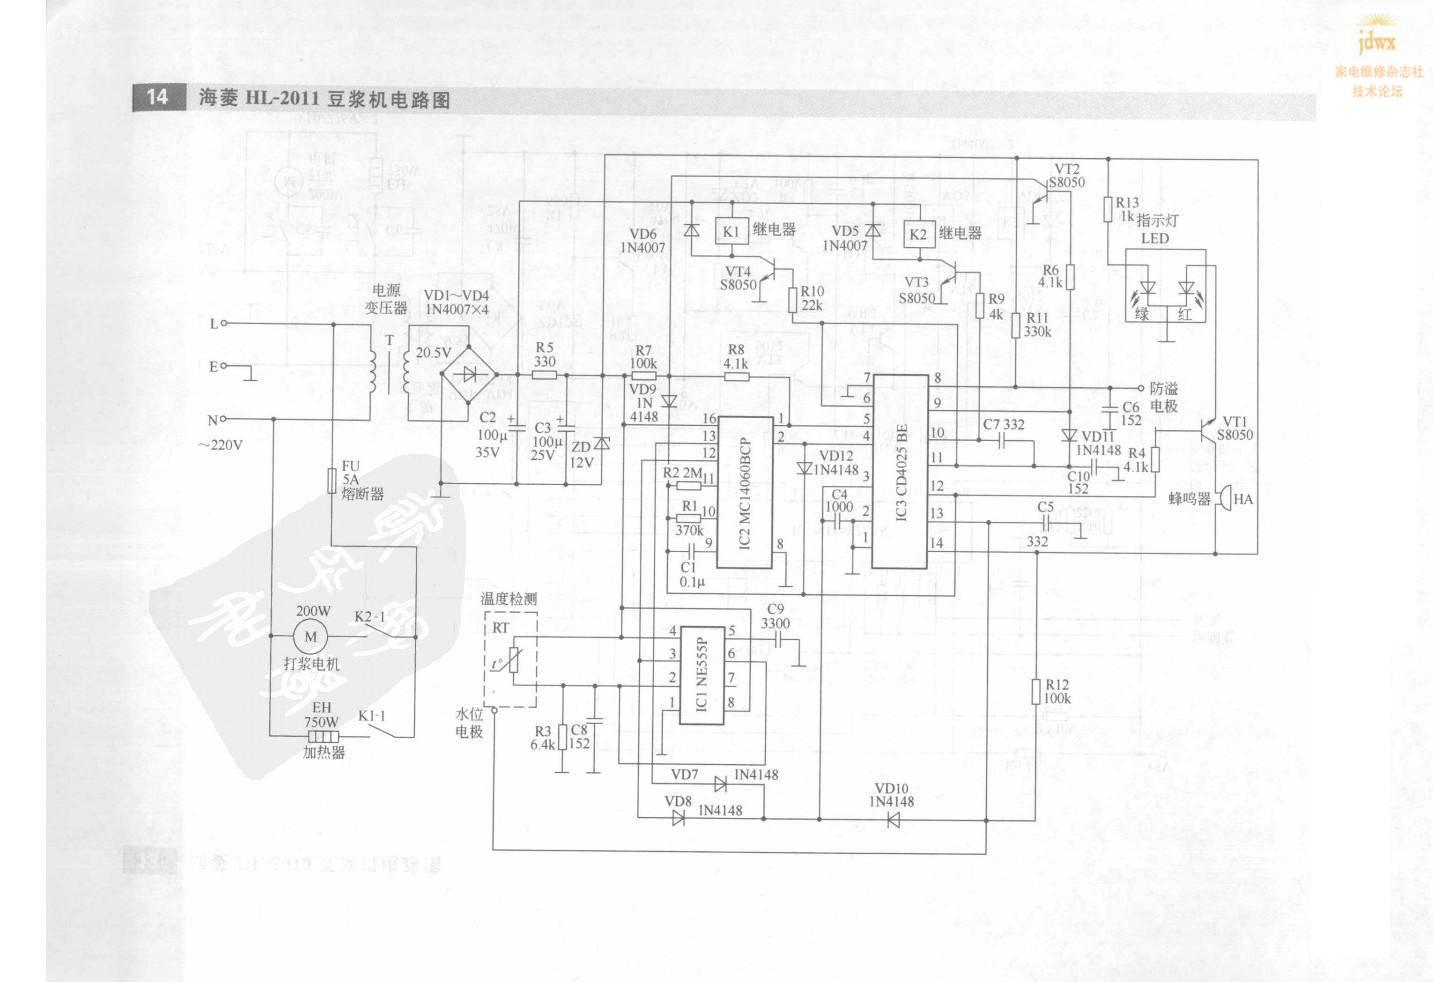 格莱德┋海菱┋九阳豆浆机电路图